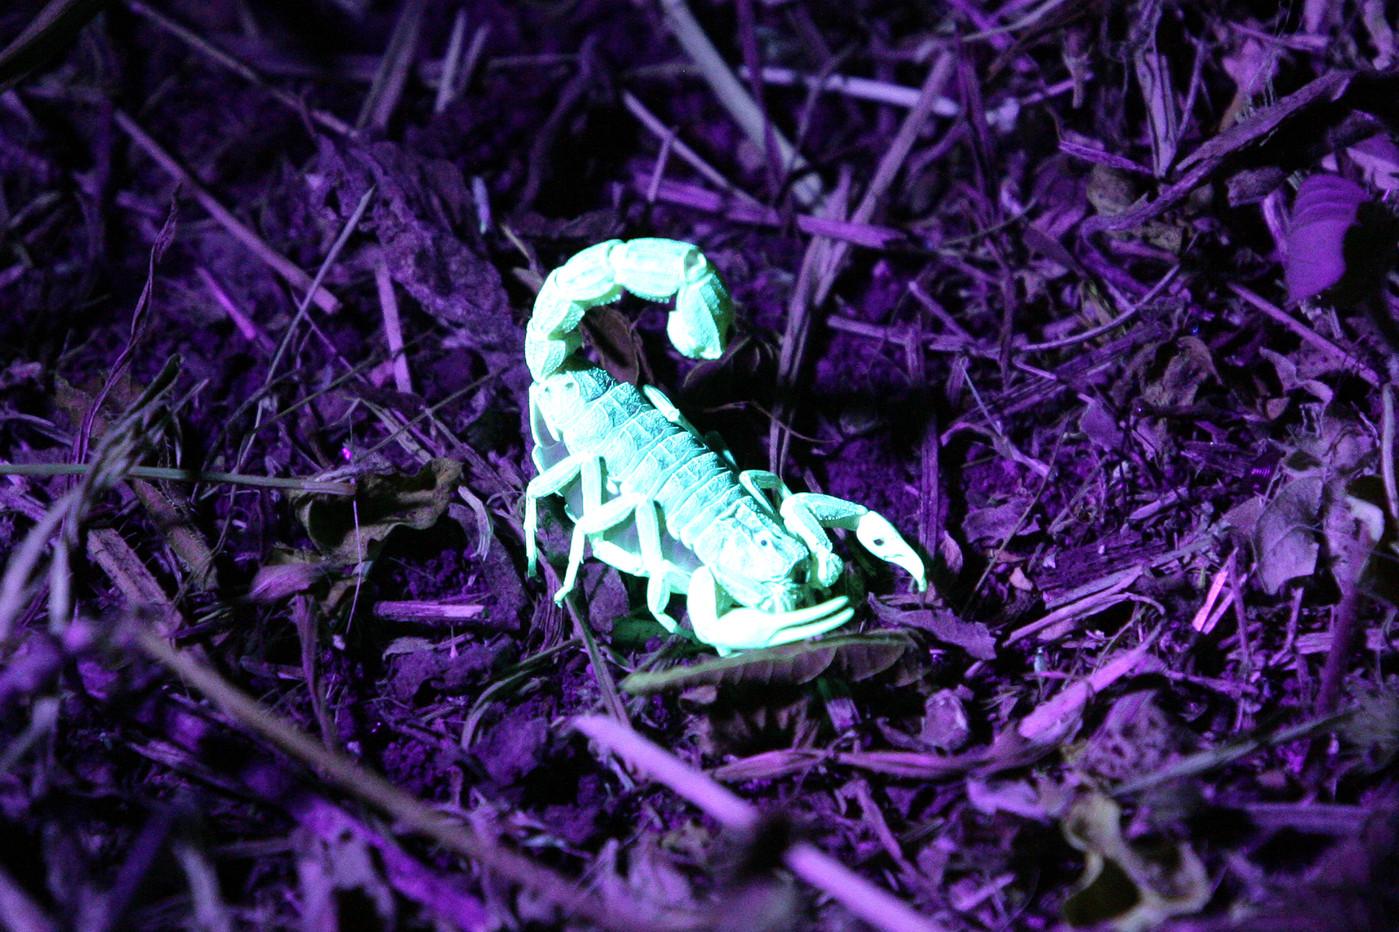 Scorpion under a UV light near Lake Manyara, Tanzania